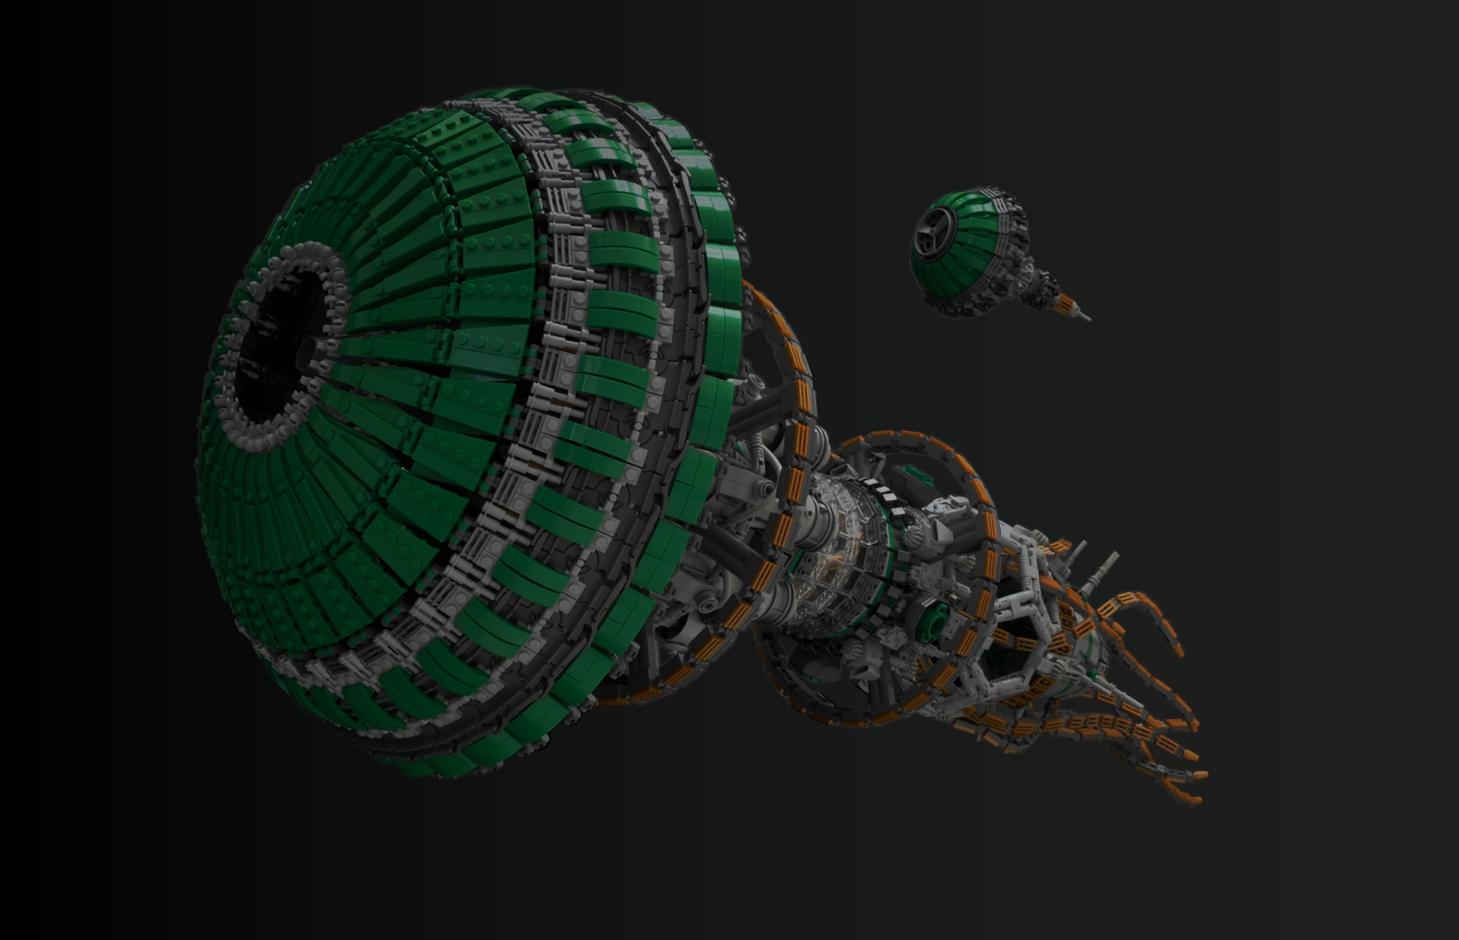 лего самоделка космический корабль